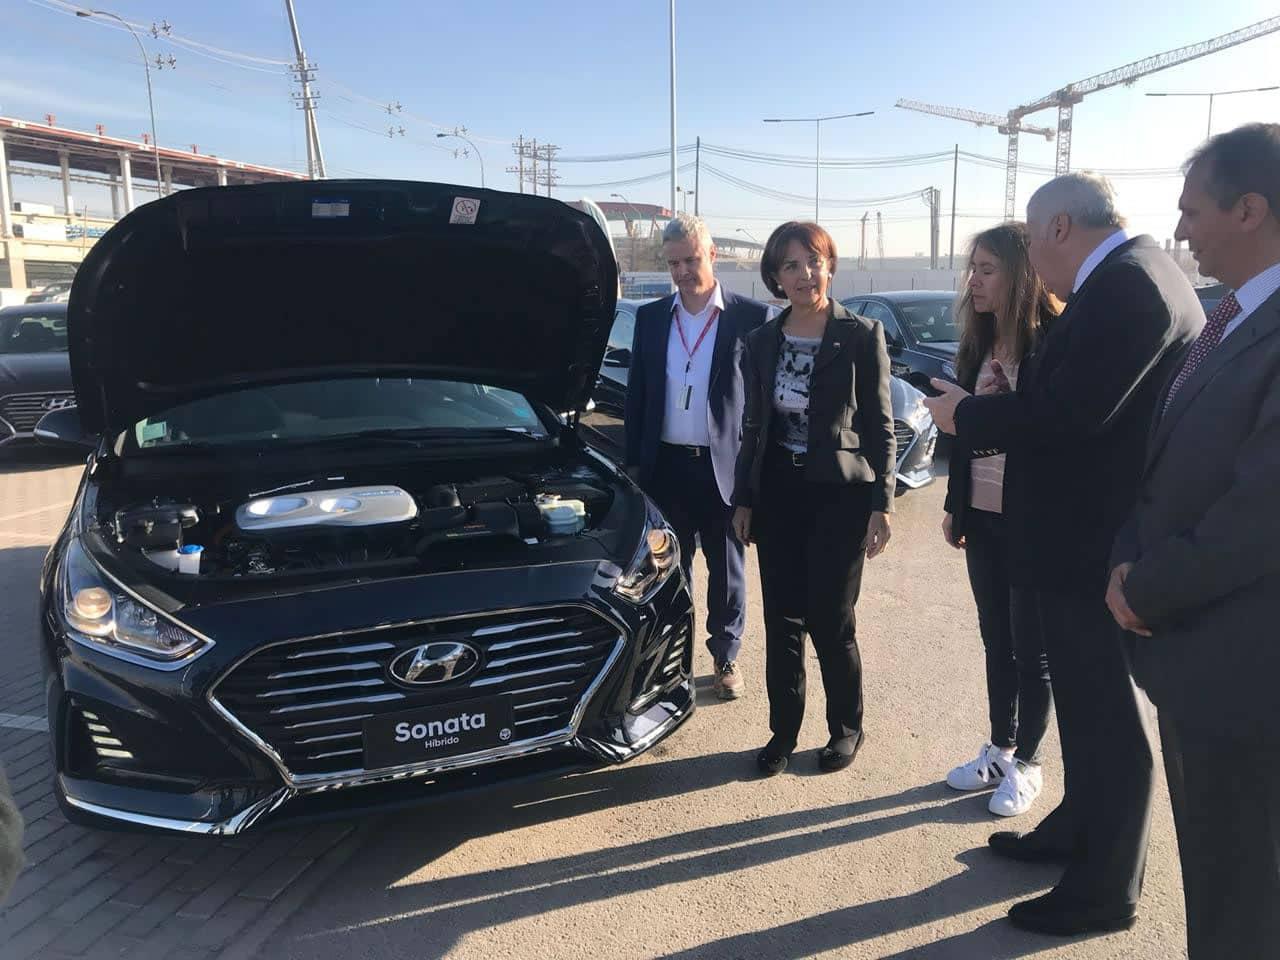 Incorporan autos híbridos en el Aeropuerto de Santiago para traslado de pasajeros